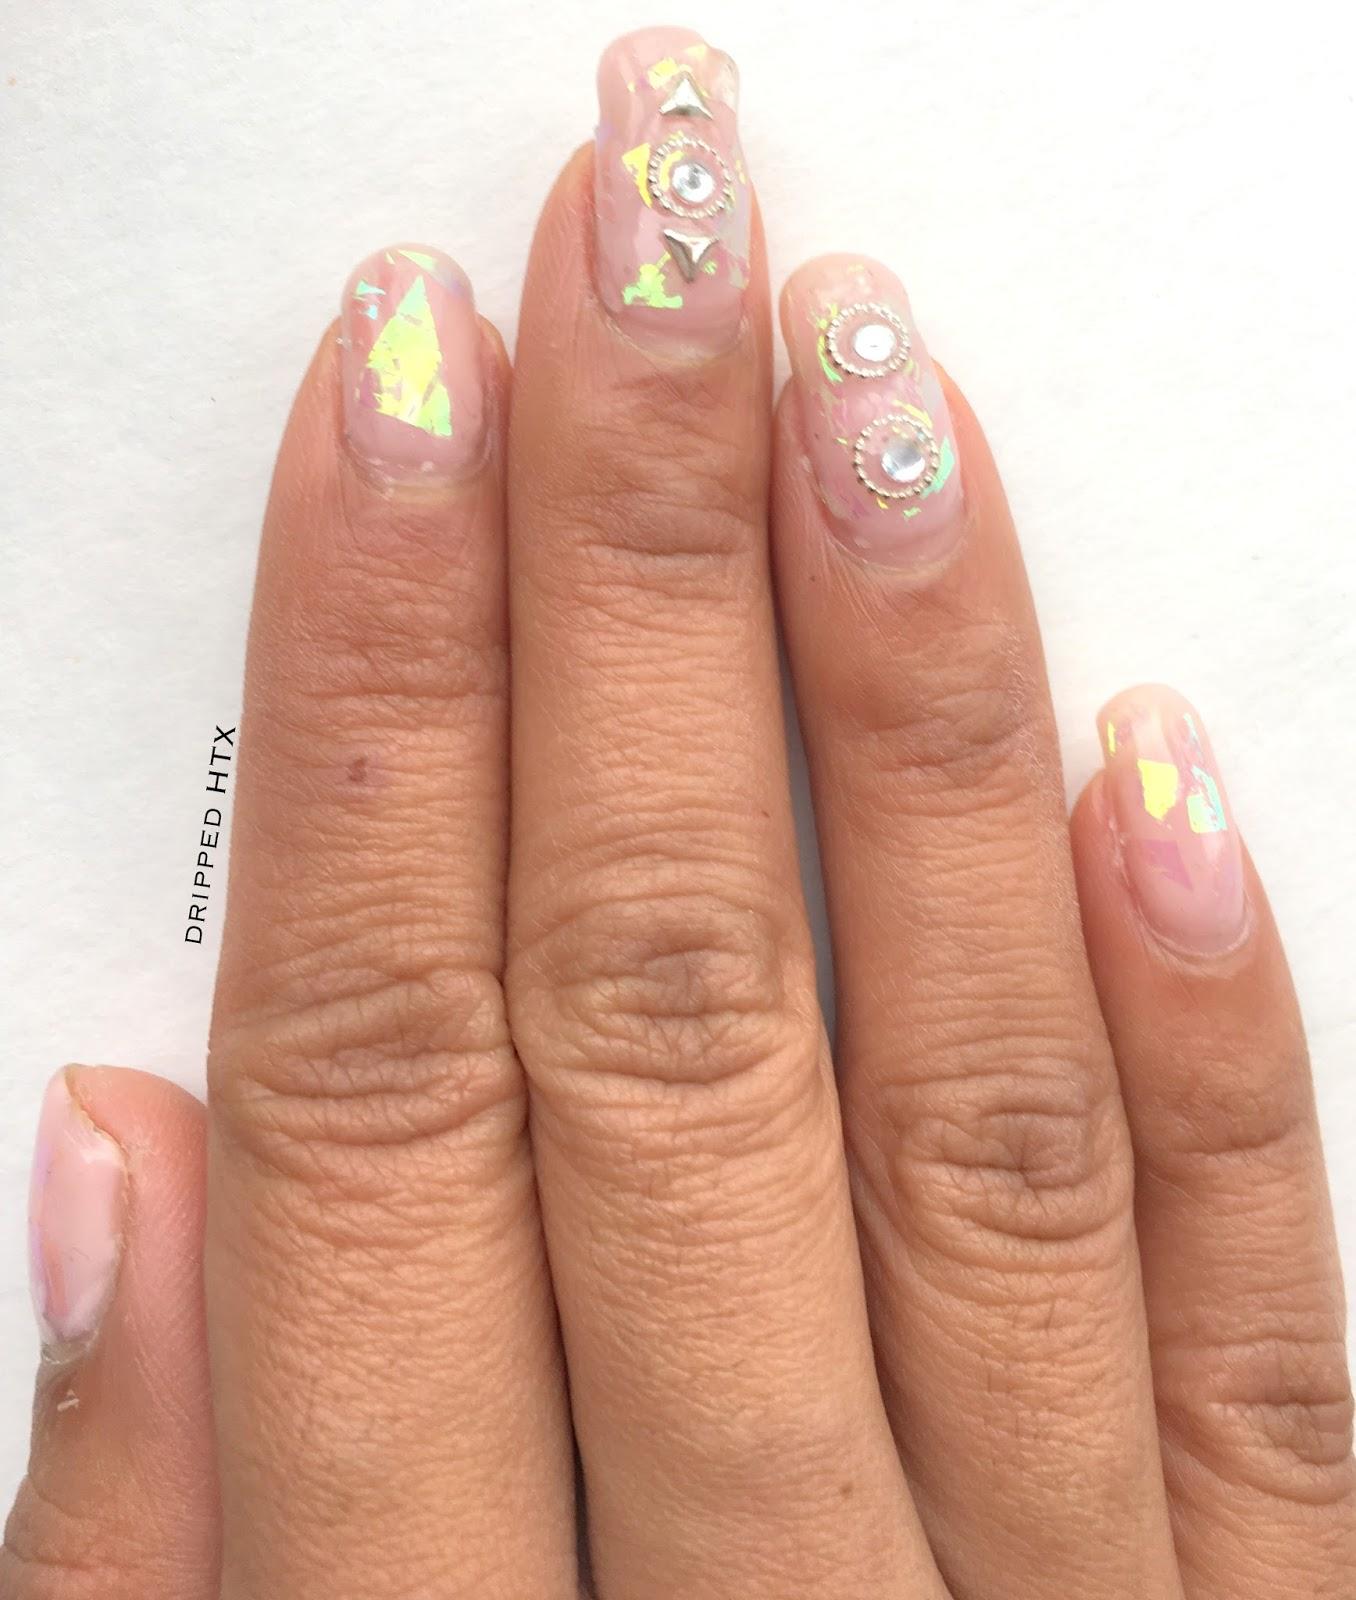 Manicure Monday: Glass Nails | Love, Mara